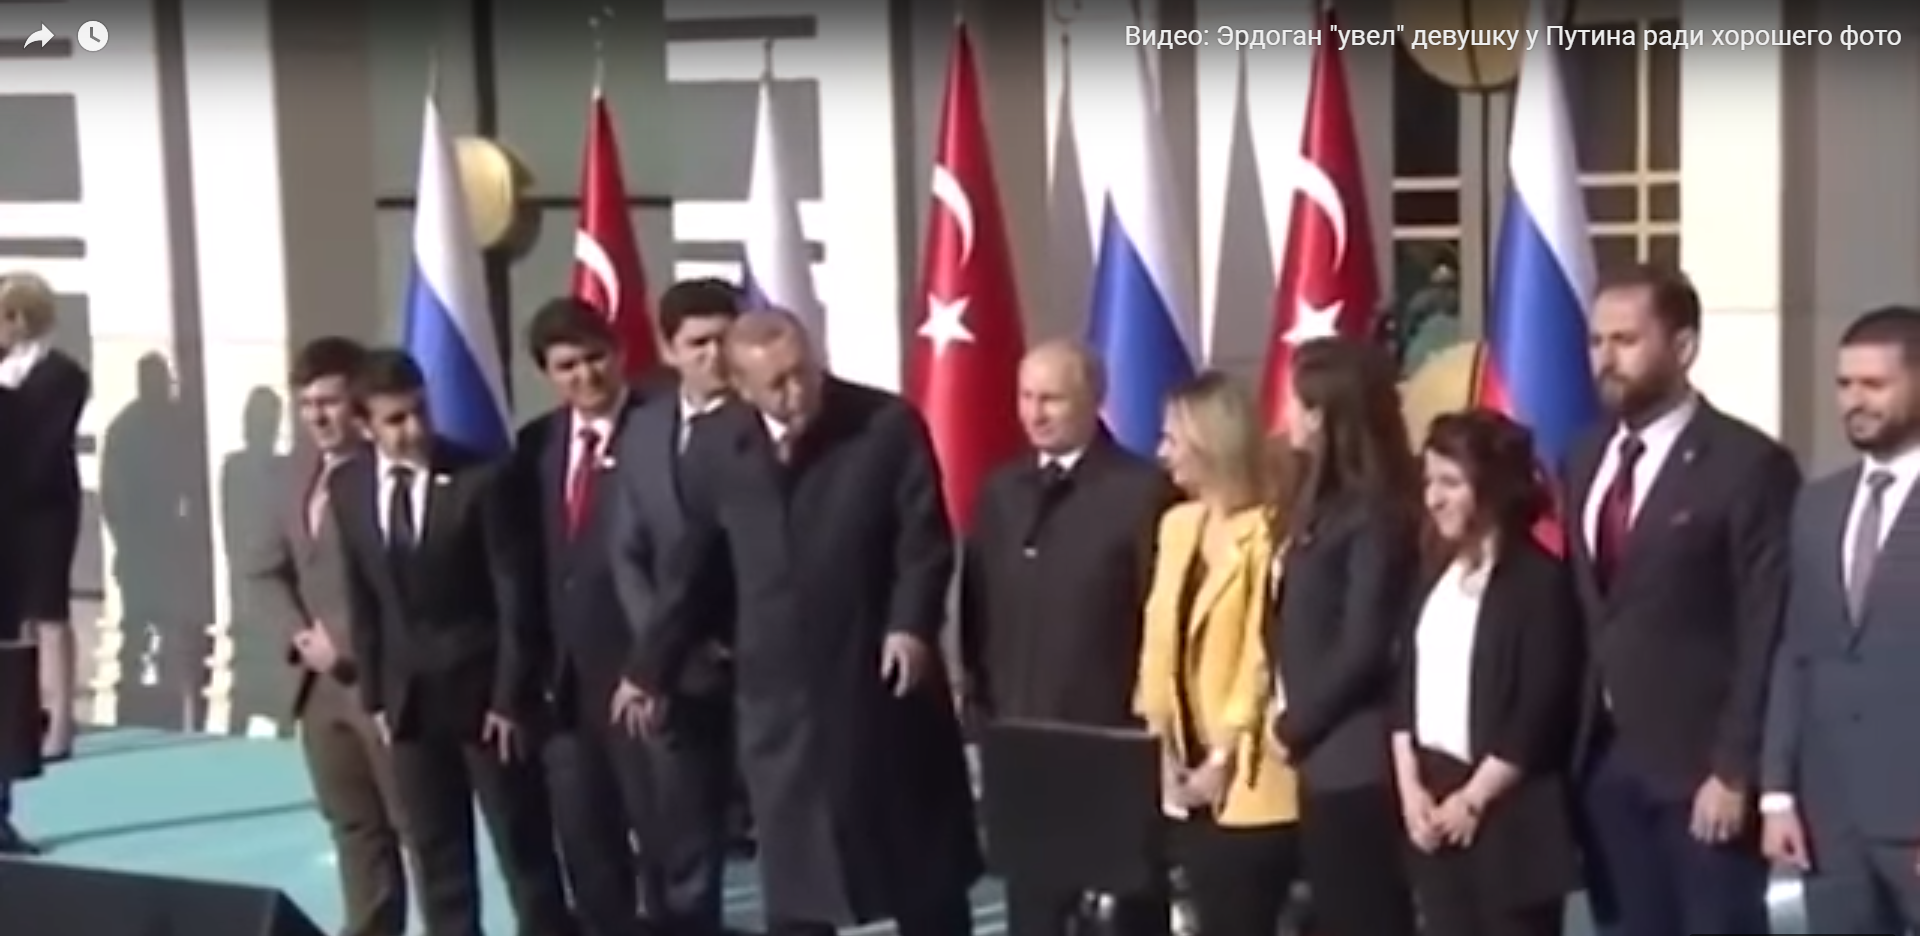 """حركة ذكية من أردوغان """"يخطف"""" فتاة من بوتين لتتوازن الصورة التى نوى التقاطها"""